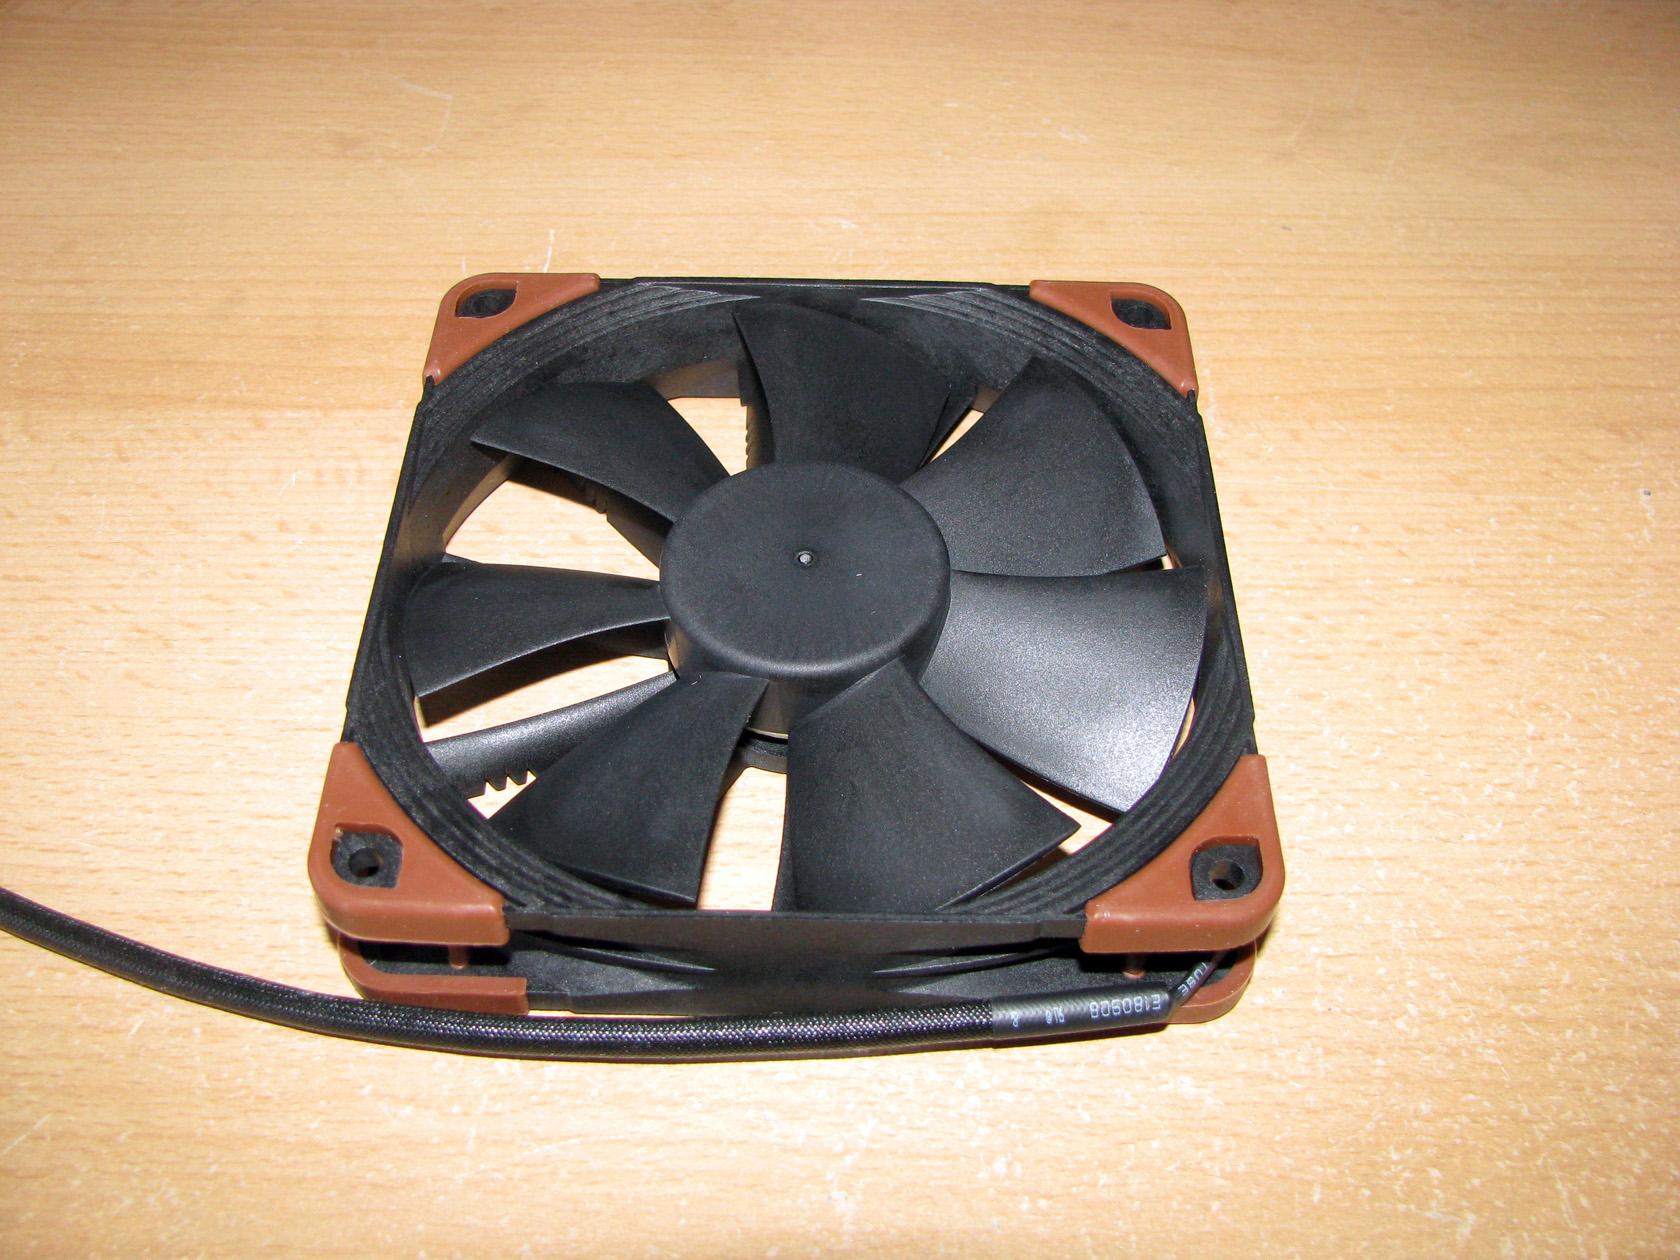 Heavy Duty Cooling Fan 120mm, Black Noctua NF-F12 iPPC-2000 3-Pin 2000 RPM